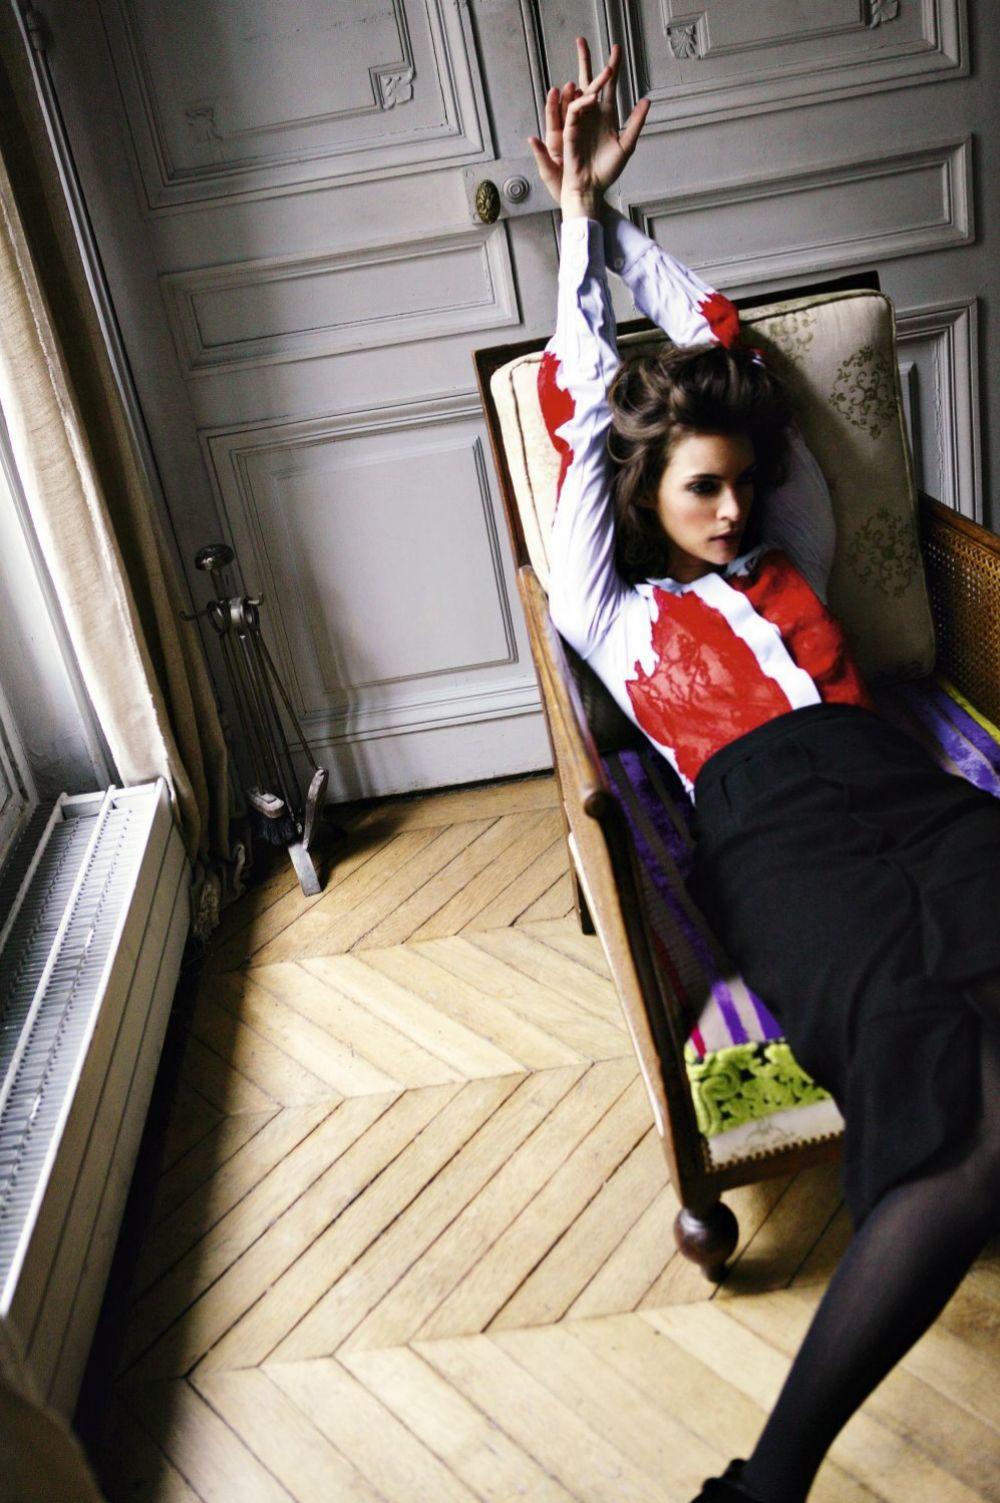 Si tienes tendencia a dormirte en el sofá puedes evitarlo concentrando tu atención en alguna actividad.